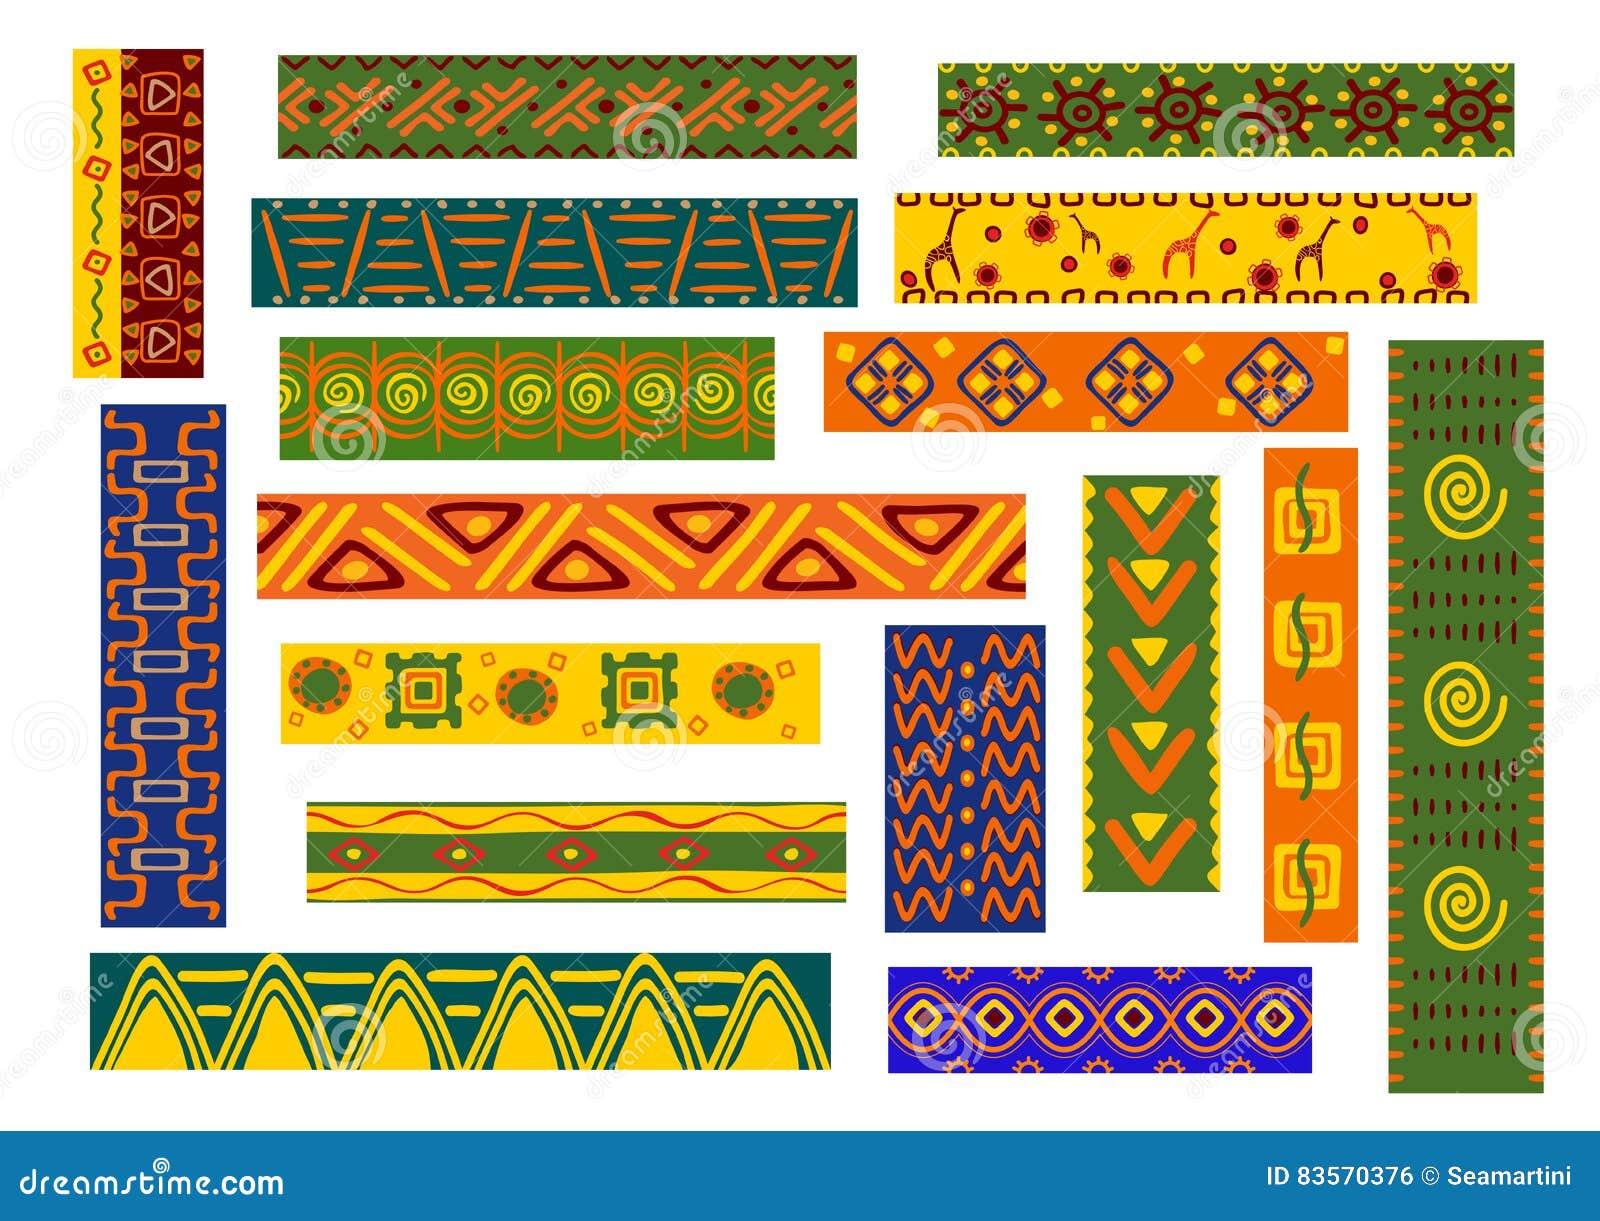 afrikanische ethnische verzierungen und dekorative muster